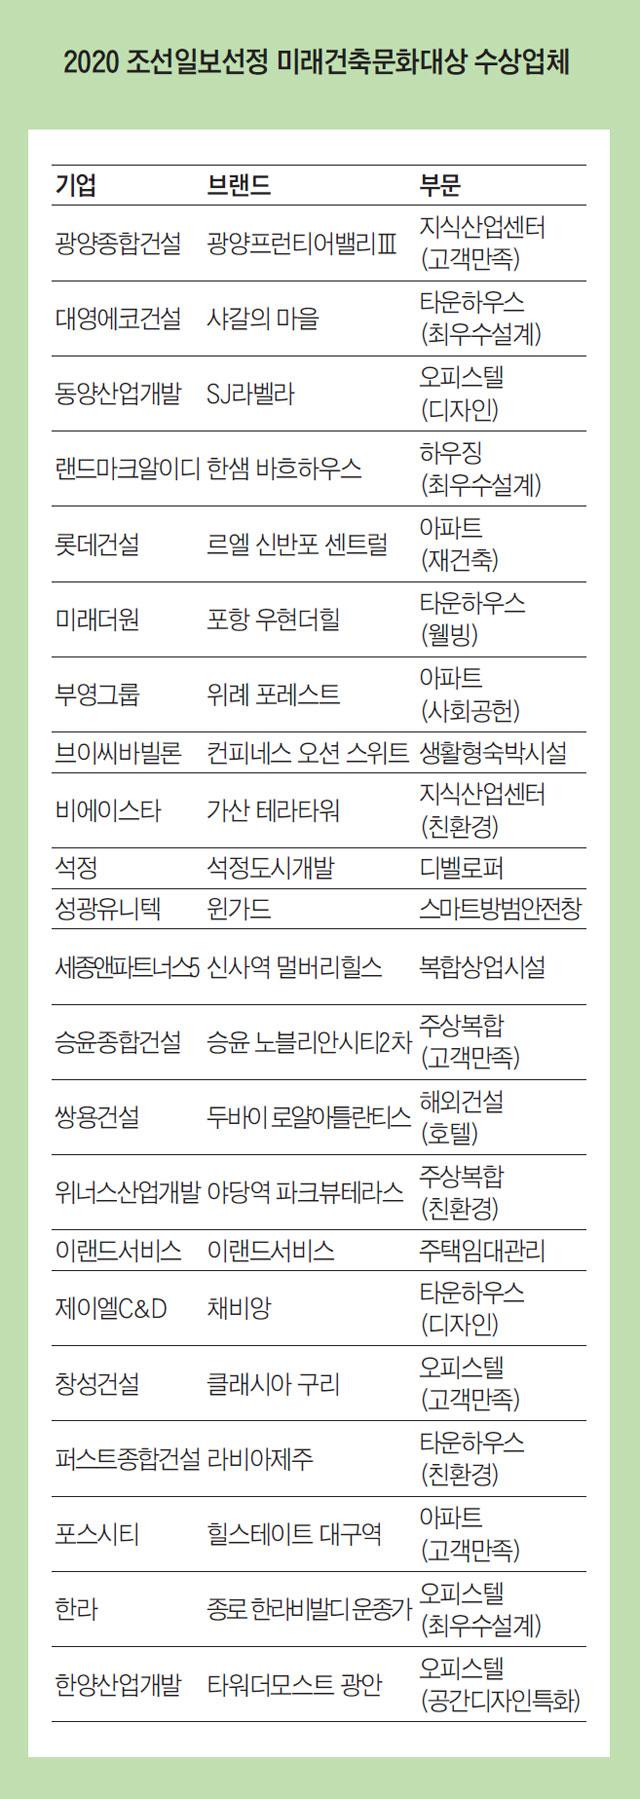 2020 조선일보선정 미래건축문화대상 수상업체